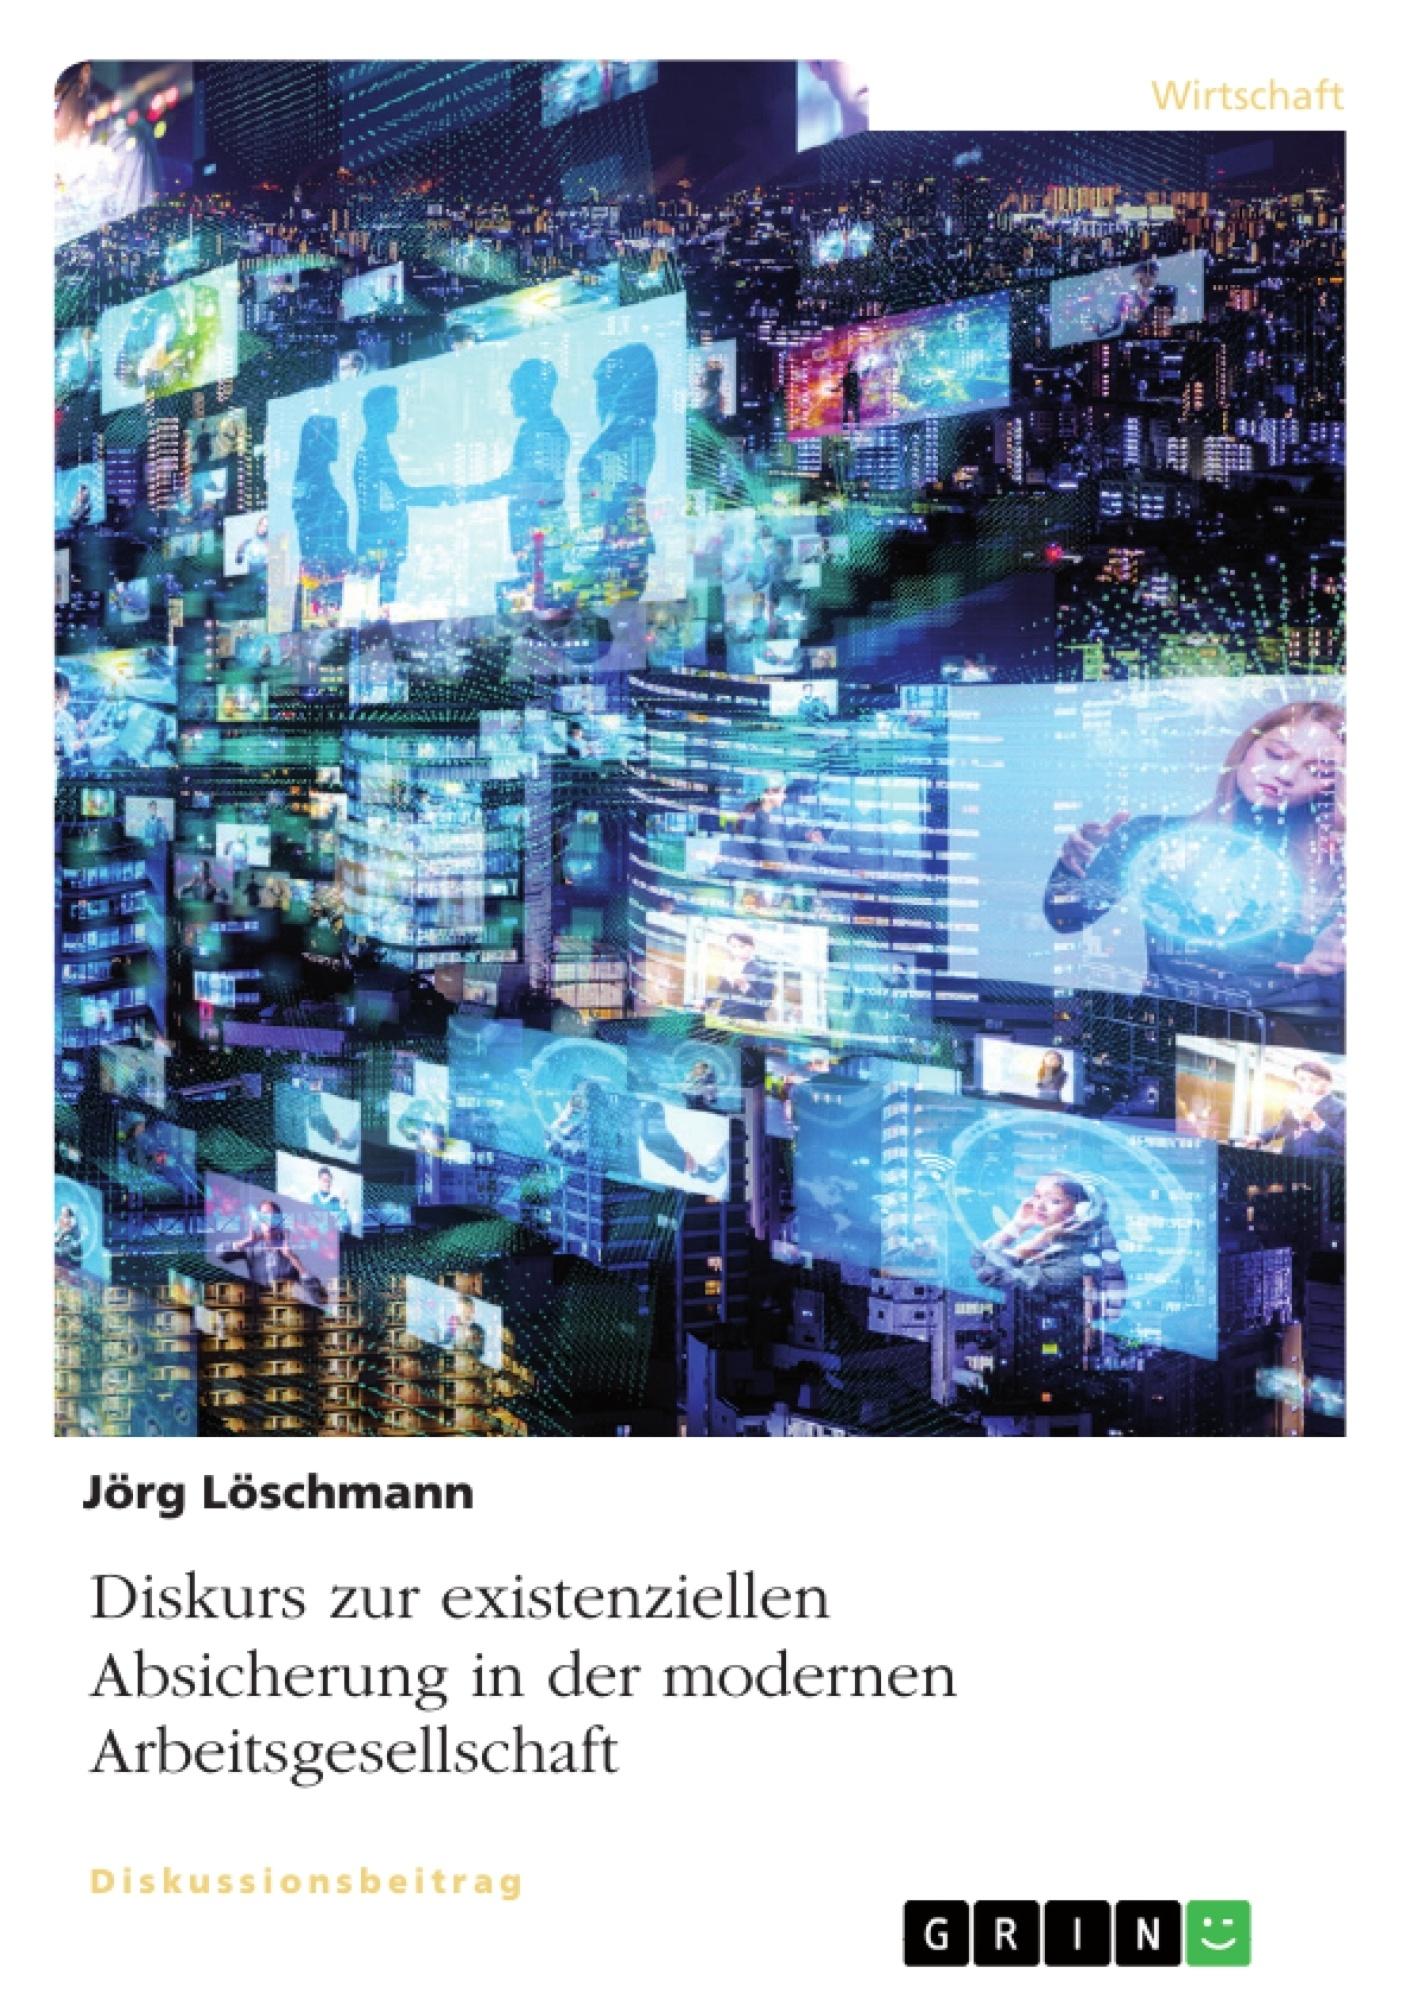 Titel: Diskurs zur existenziellen Absicherung in der modernen Arbeitsgesellschaft